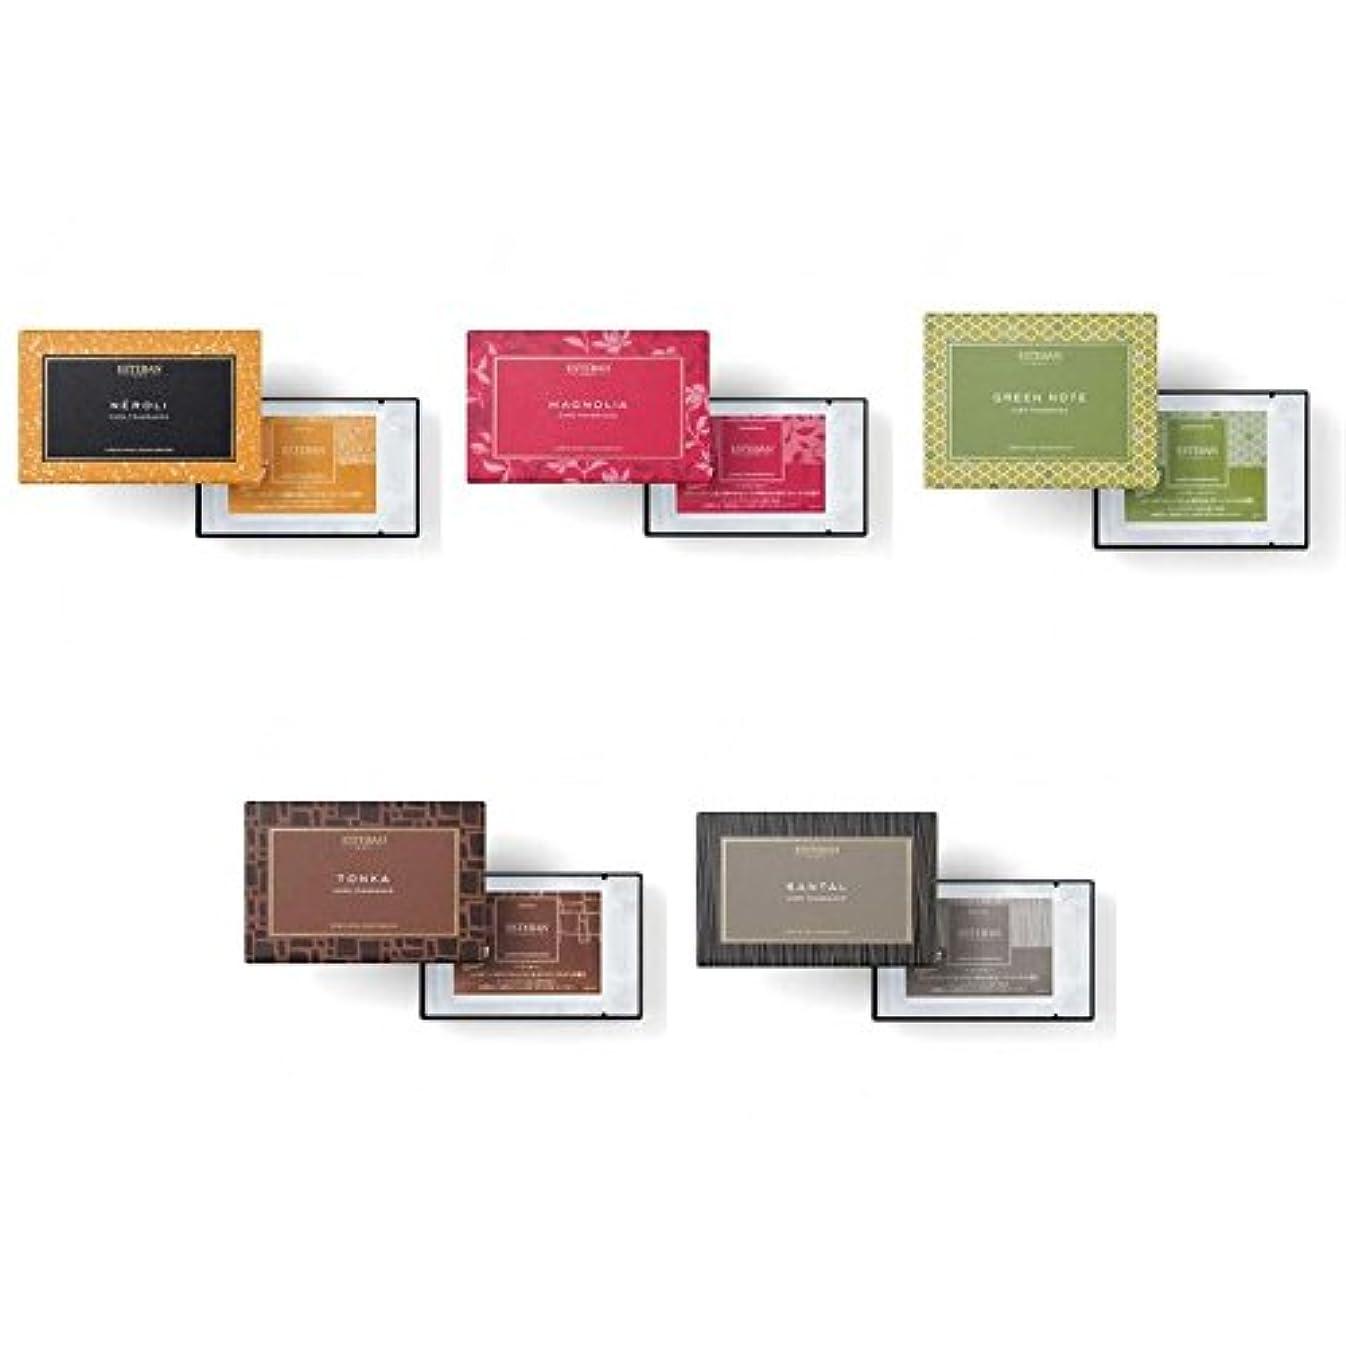 アーティファクト世界的に大きさエステバン カードフレグランス 5種セット